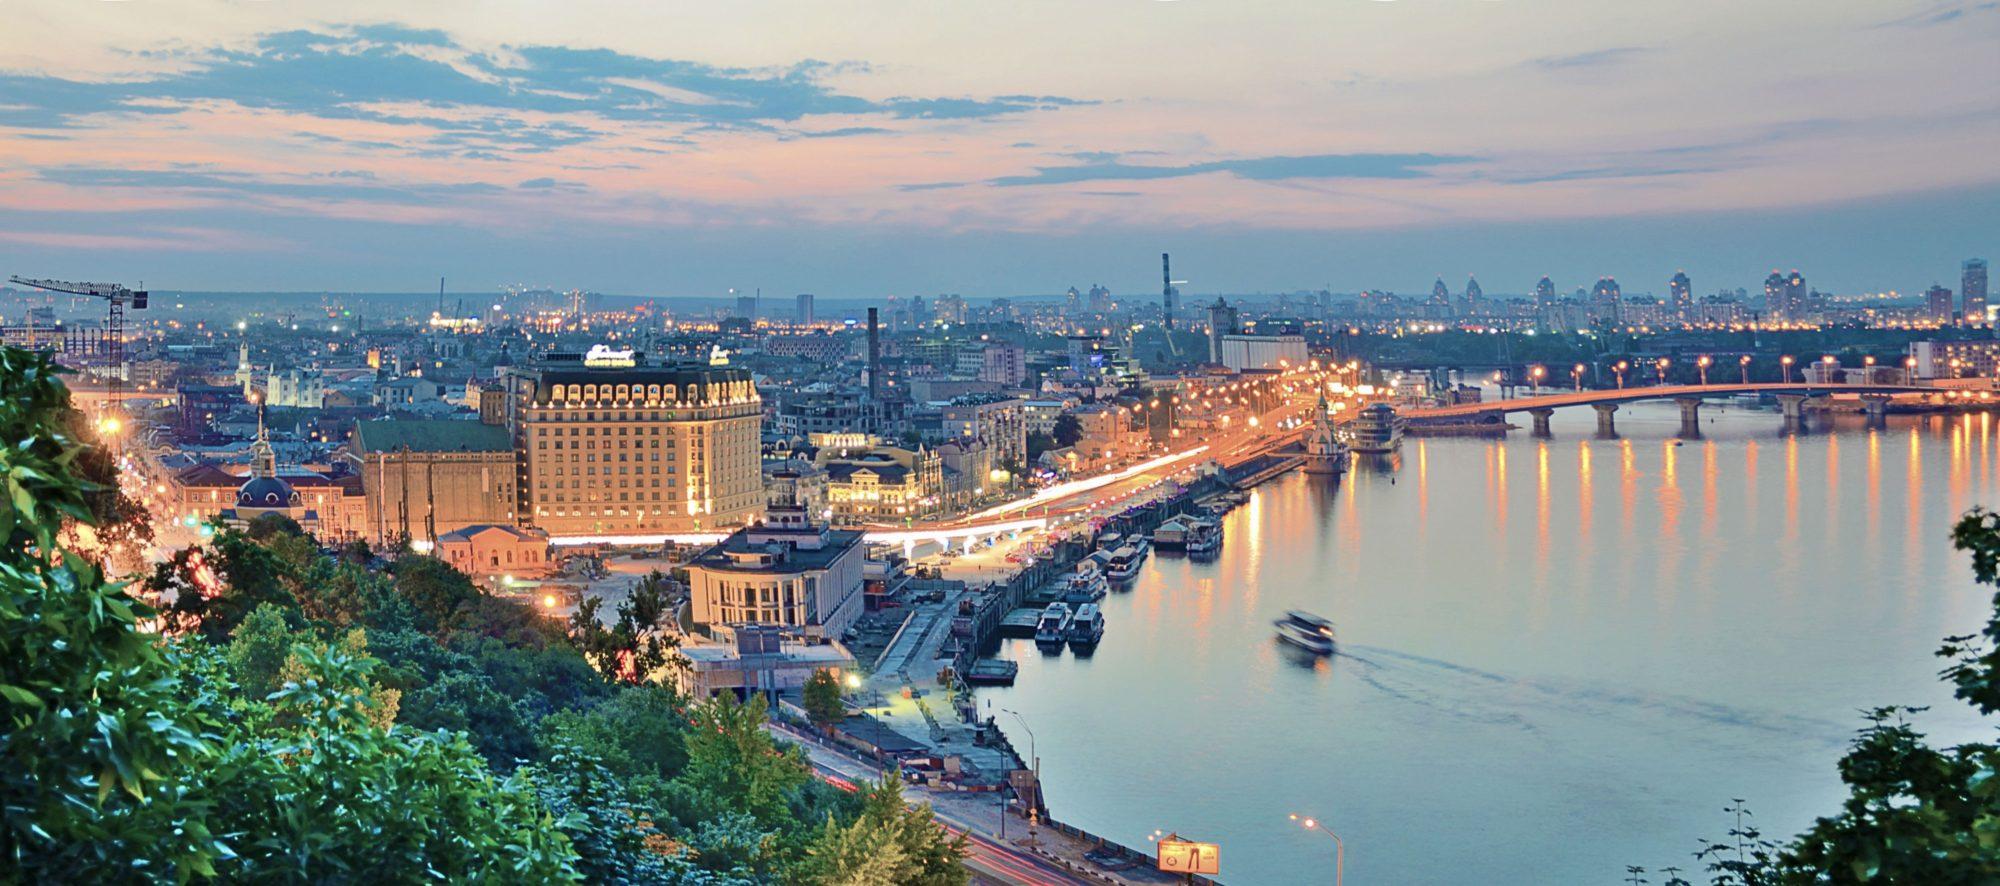 Київ потрапив в ТОП-100 найдорожчих міст світу, – The Economist - рейтинг - 19 kyev 2000x886